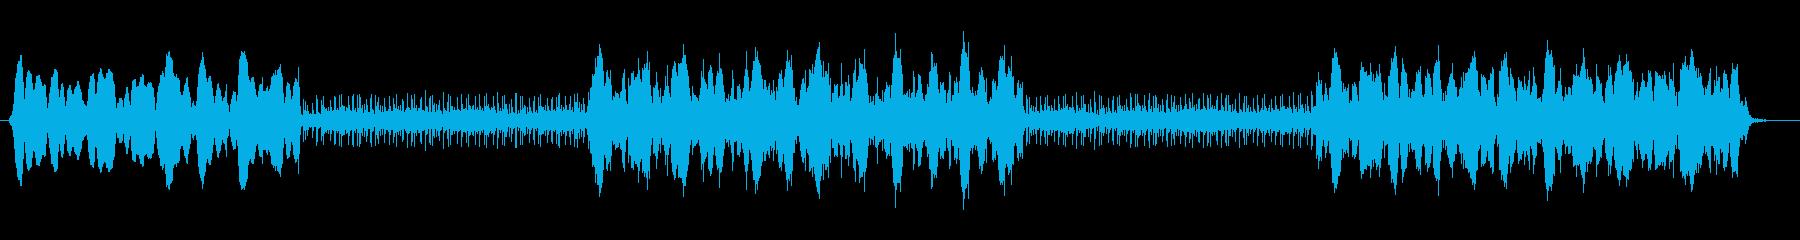 戦国時代のようなBGMの再生済みの波形